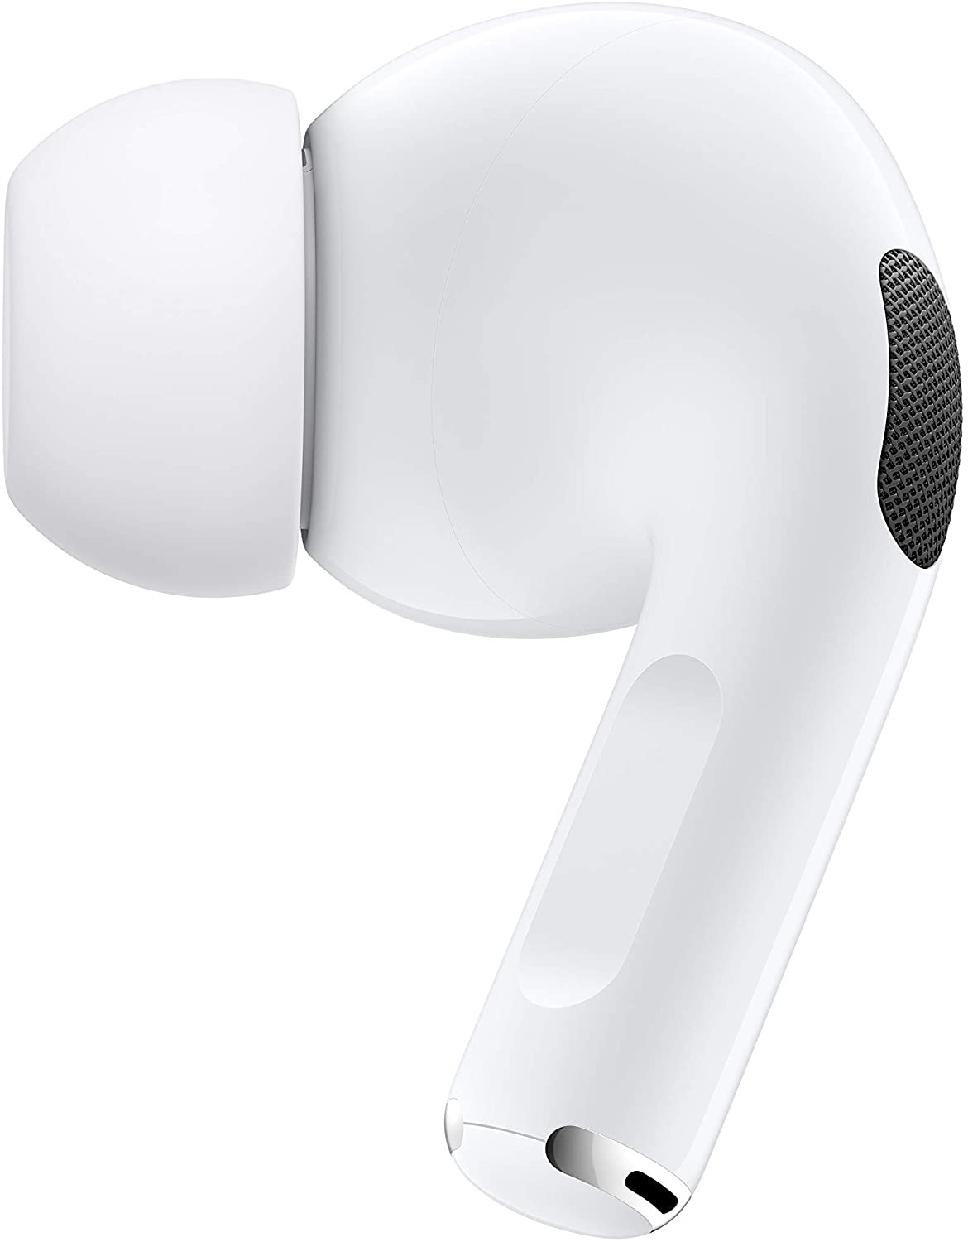 Apple(アップル) AirPods Proの商品画像2